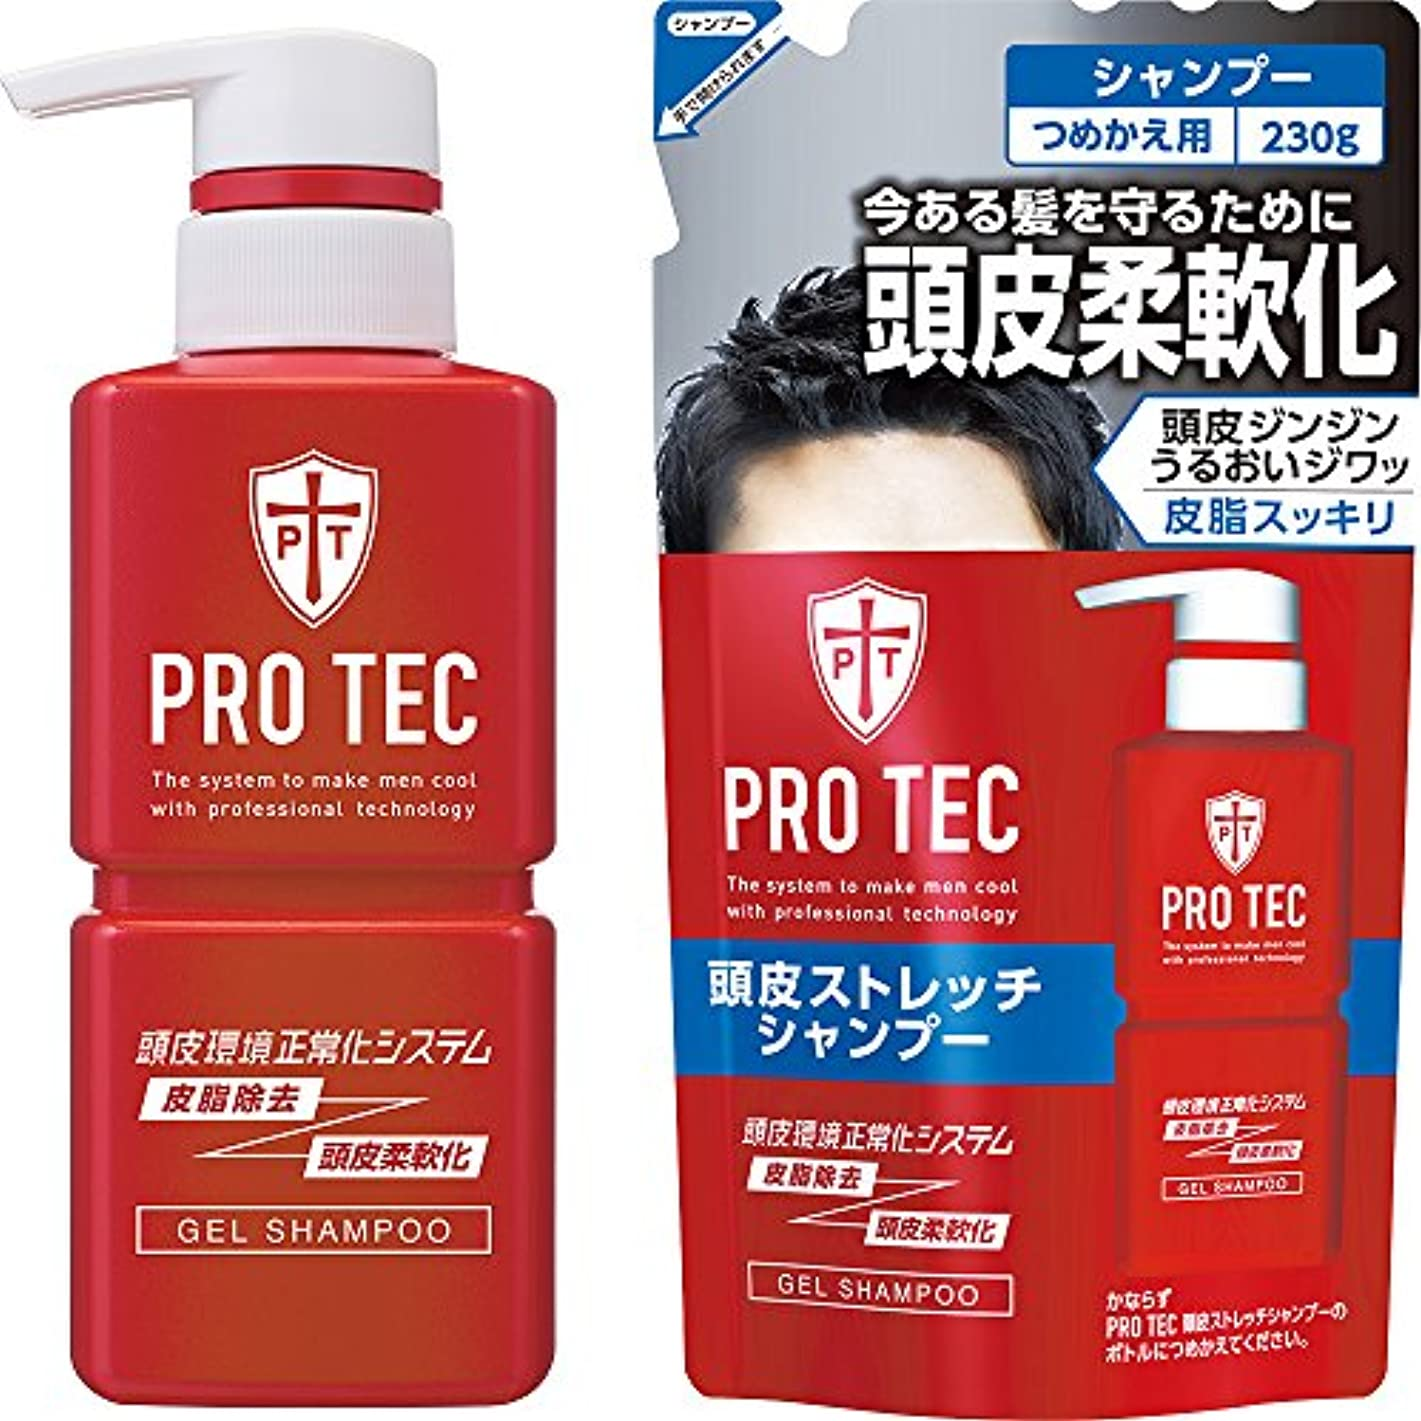 薬剤師情熱的桃PRO TEC(プロテク) 頭皮ストレッチシャンプー 本体ポンプ300g+詰め替え230g セット(医薬部外品)